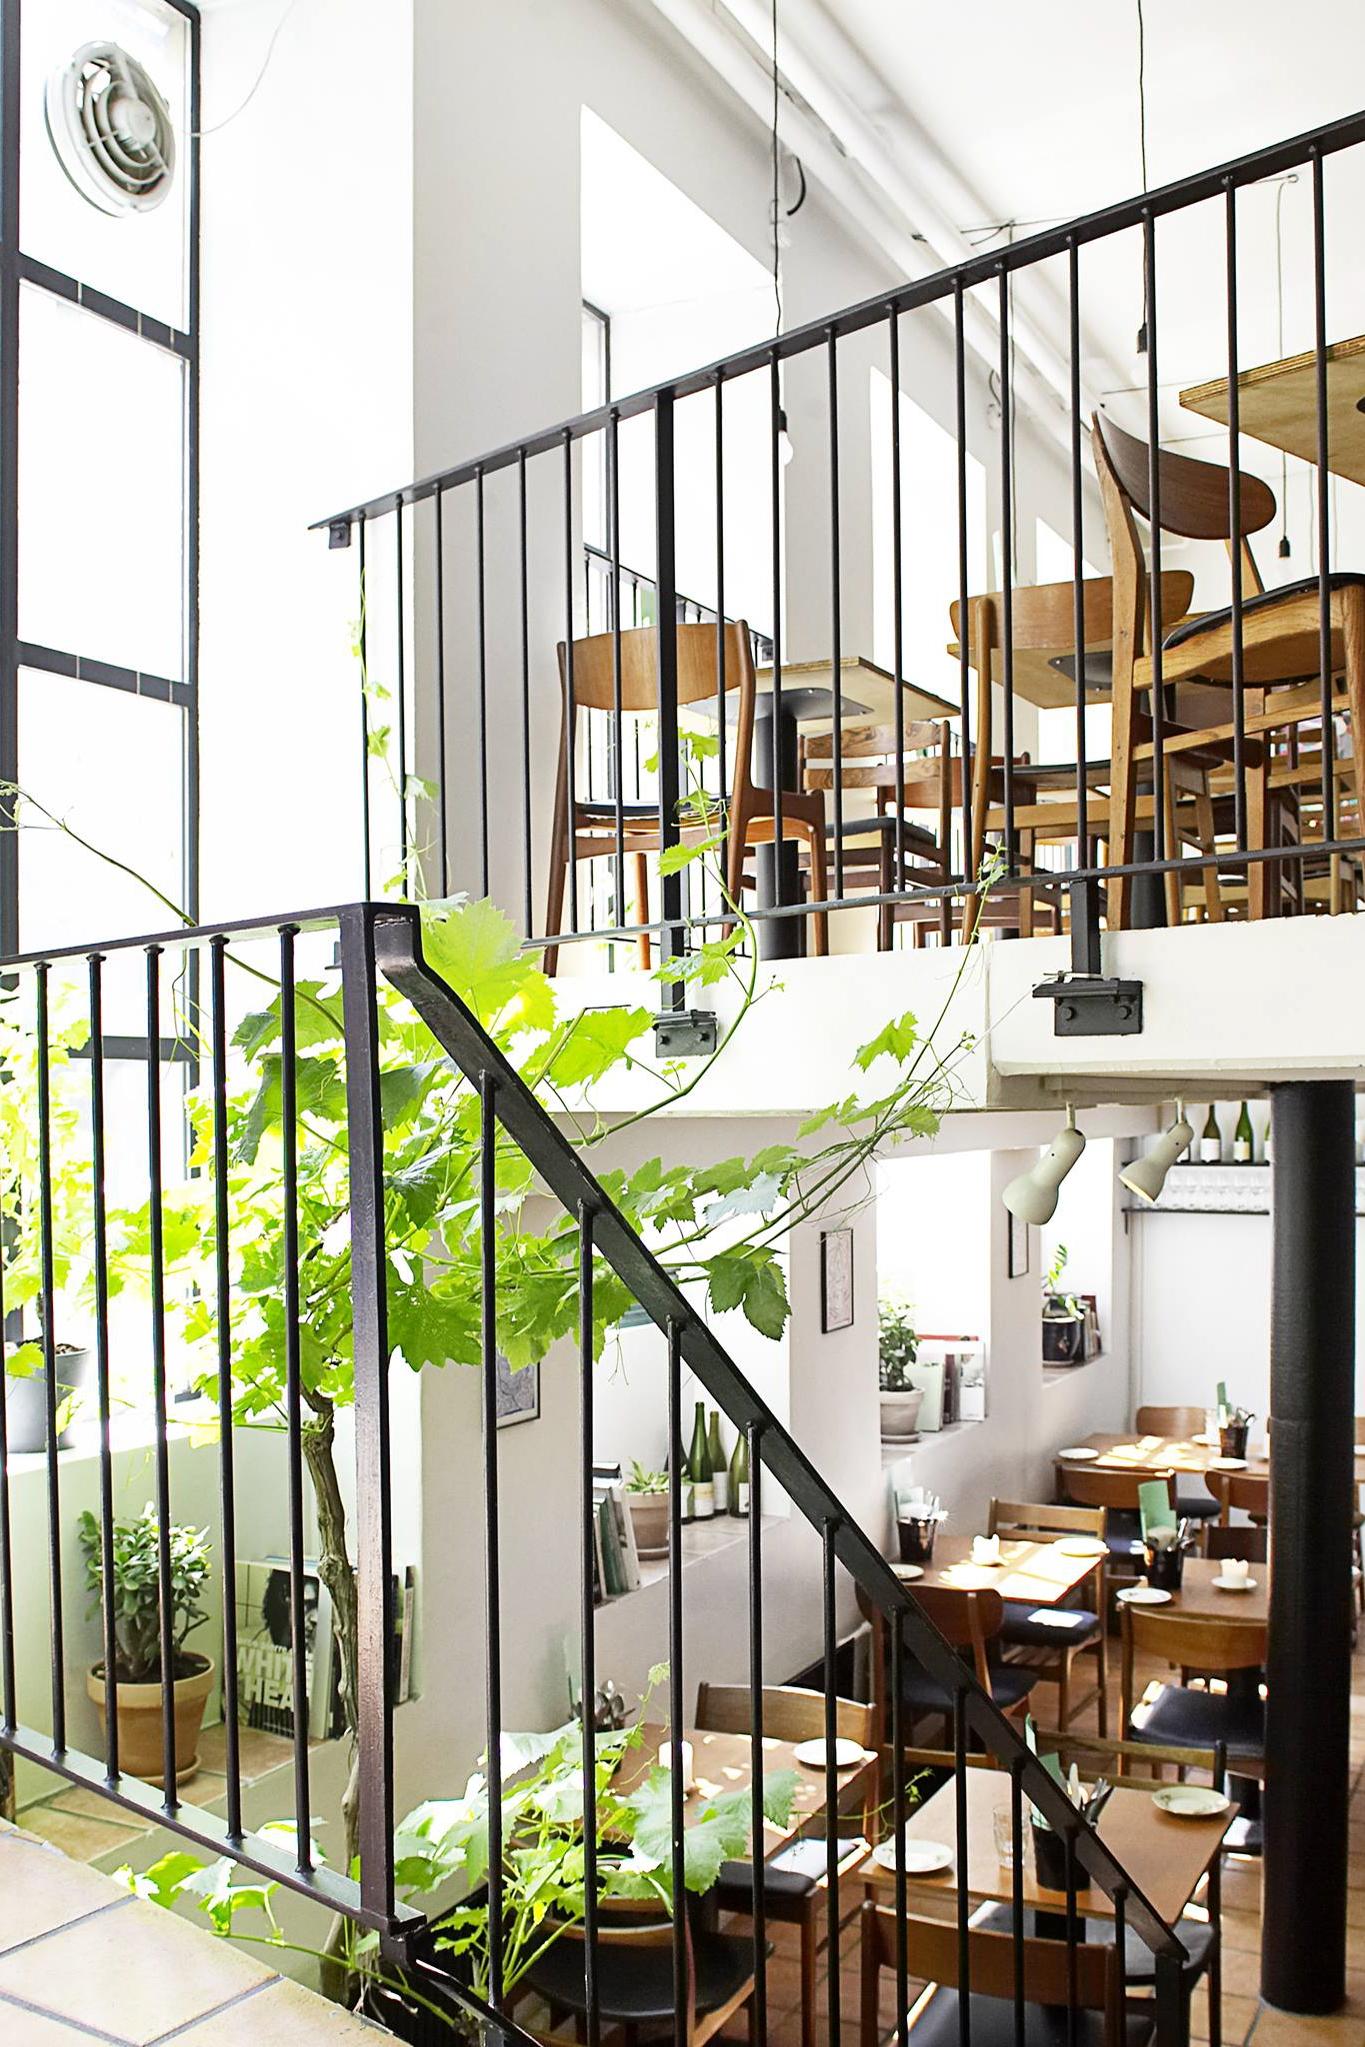 Restaurant BROR | Scandinavian Standard